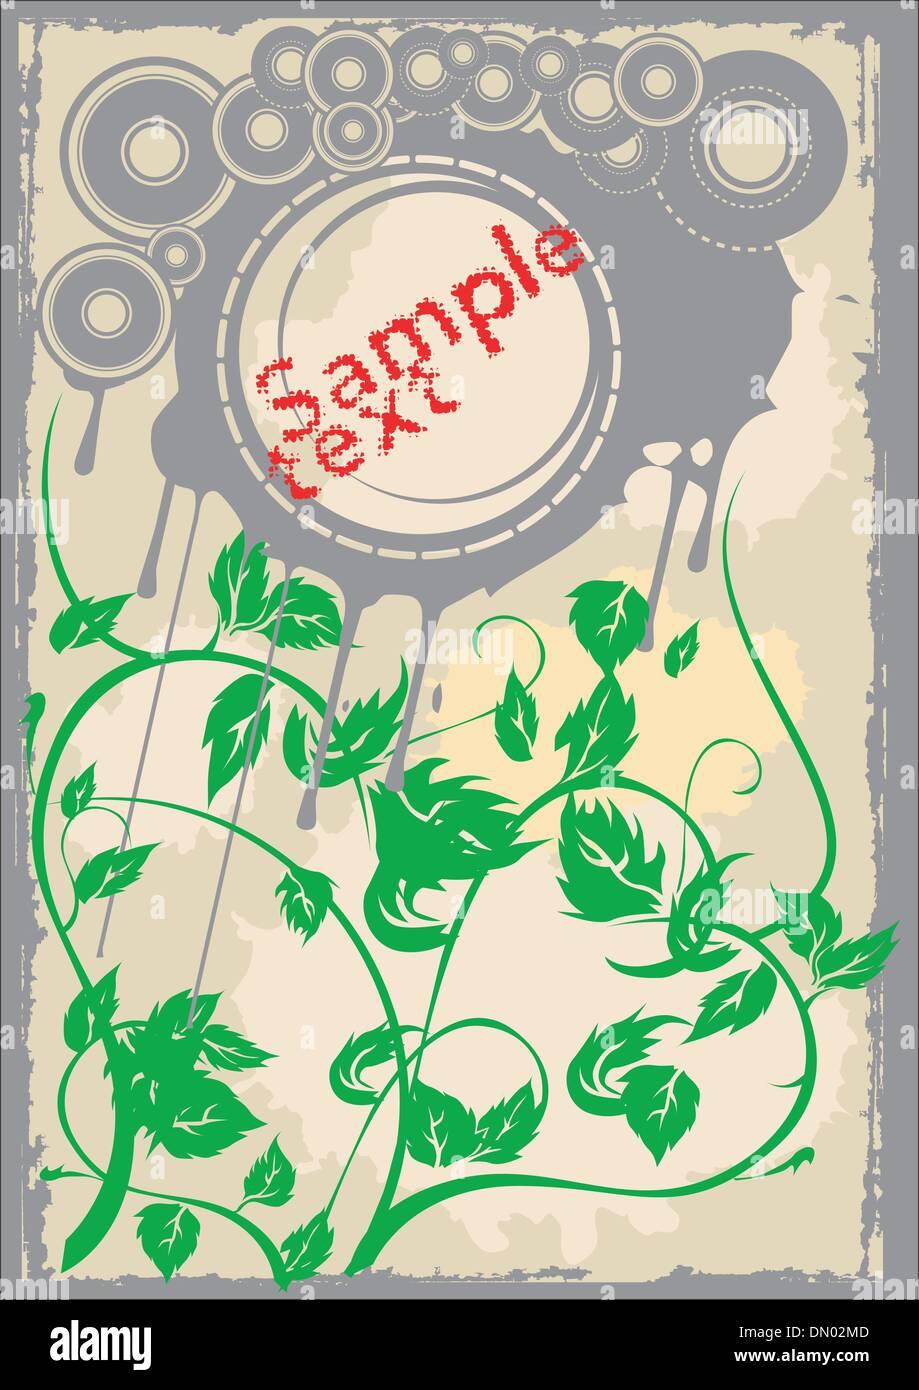 Dischi grigio verde lascia vecchia pagina. Flayer. Illustrazione Vettoriale. N. di maglie Illustrazione Vettoriale